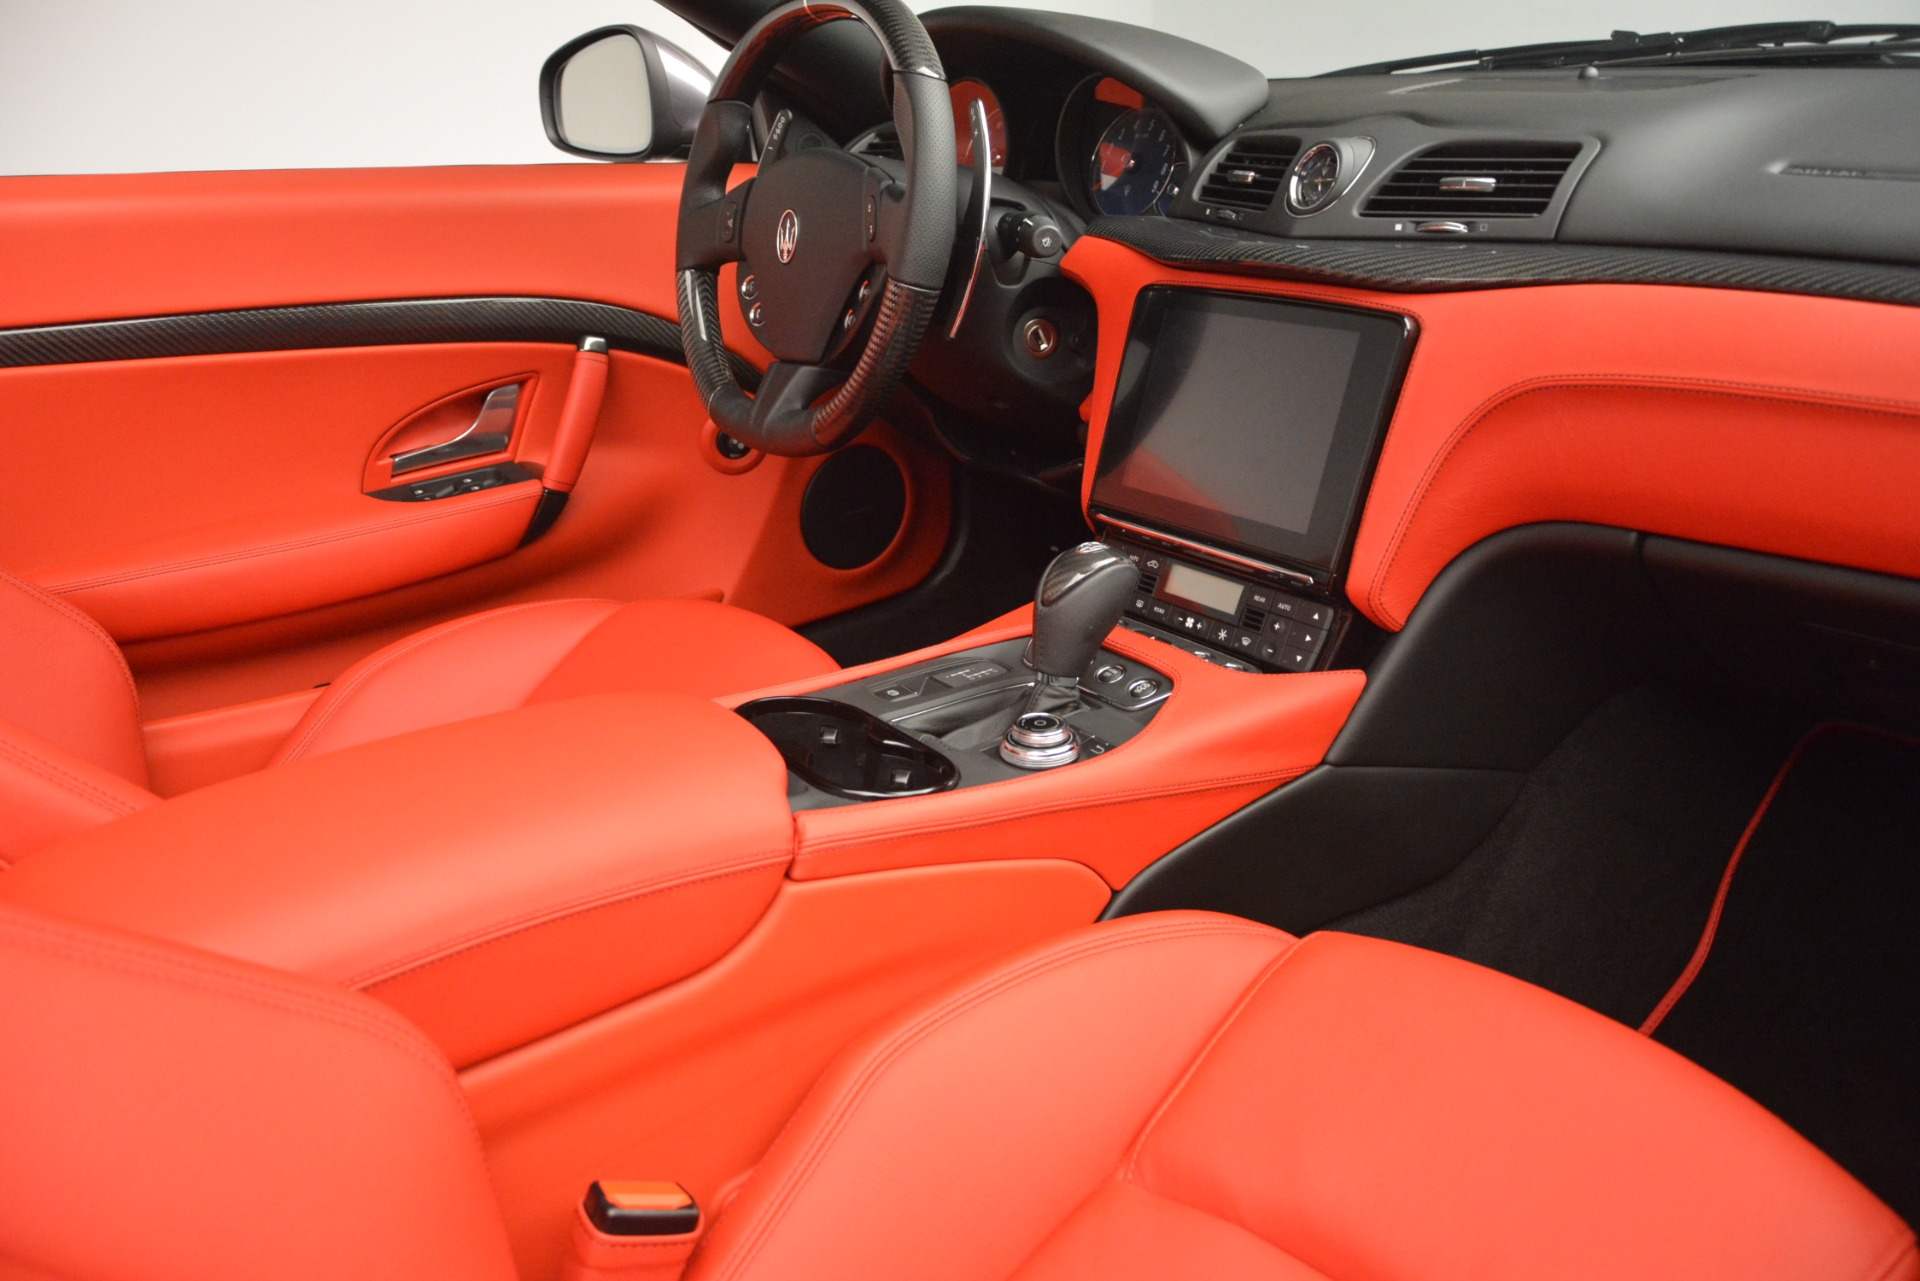 Used 2018 Maserati GranTurismo Sport For Sale In Westport, CT 2637_p28